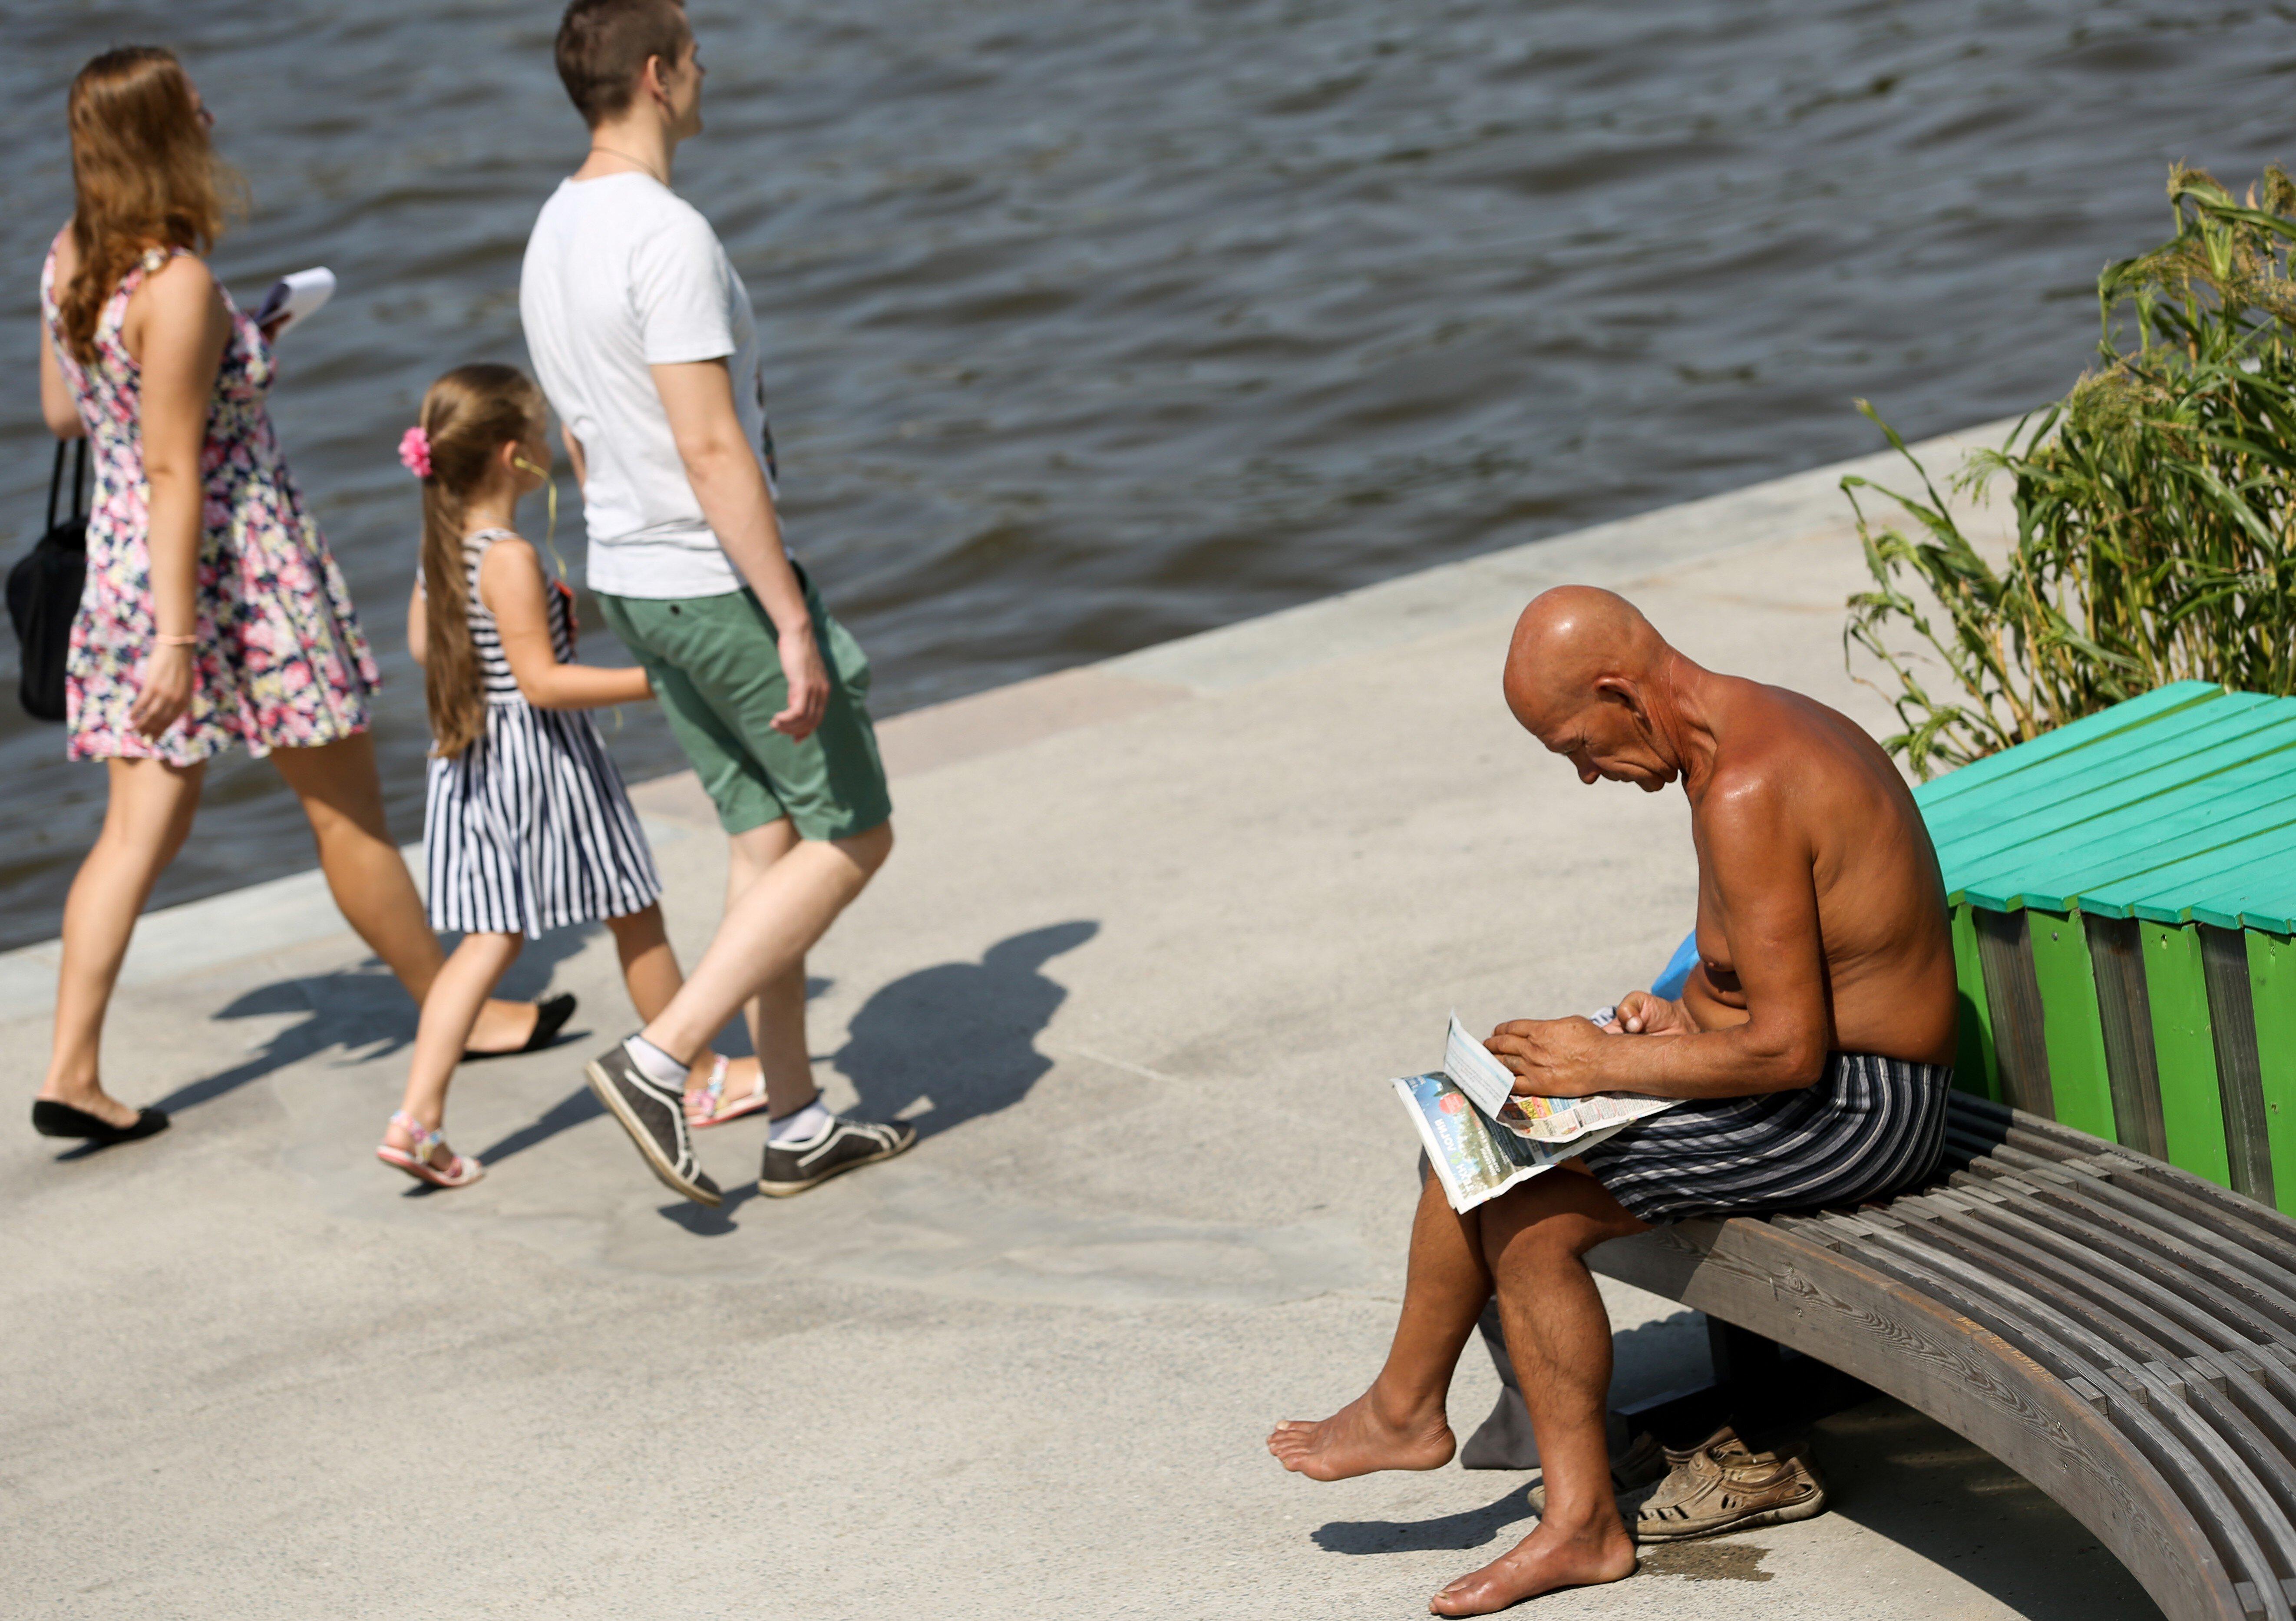 Жителей Центральной России предупредили об аномальной жаре